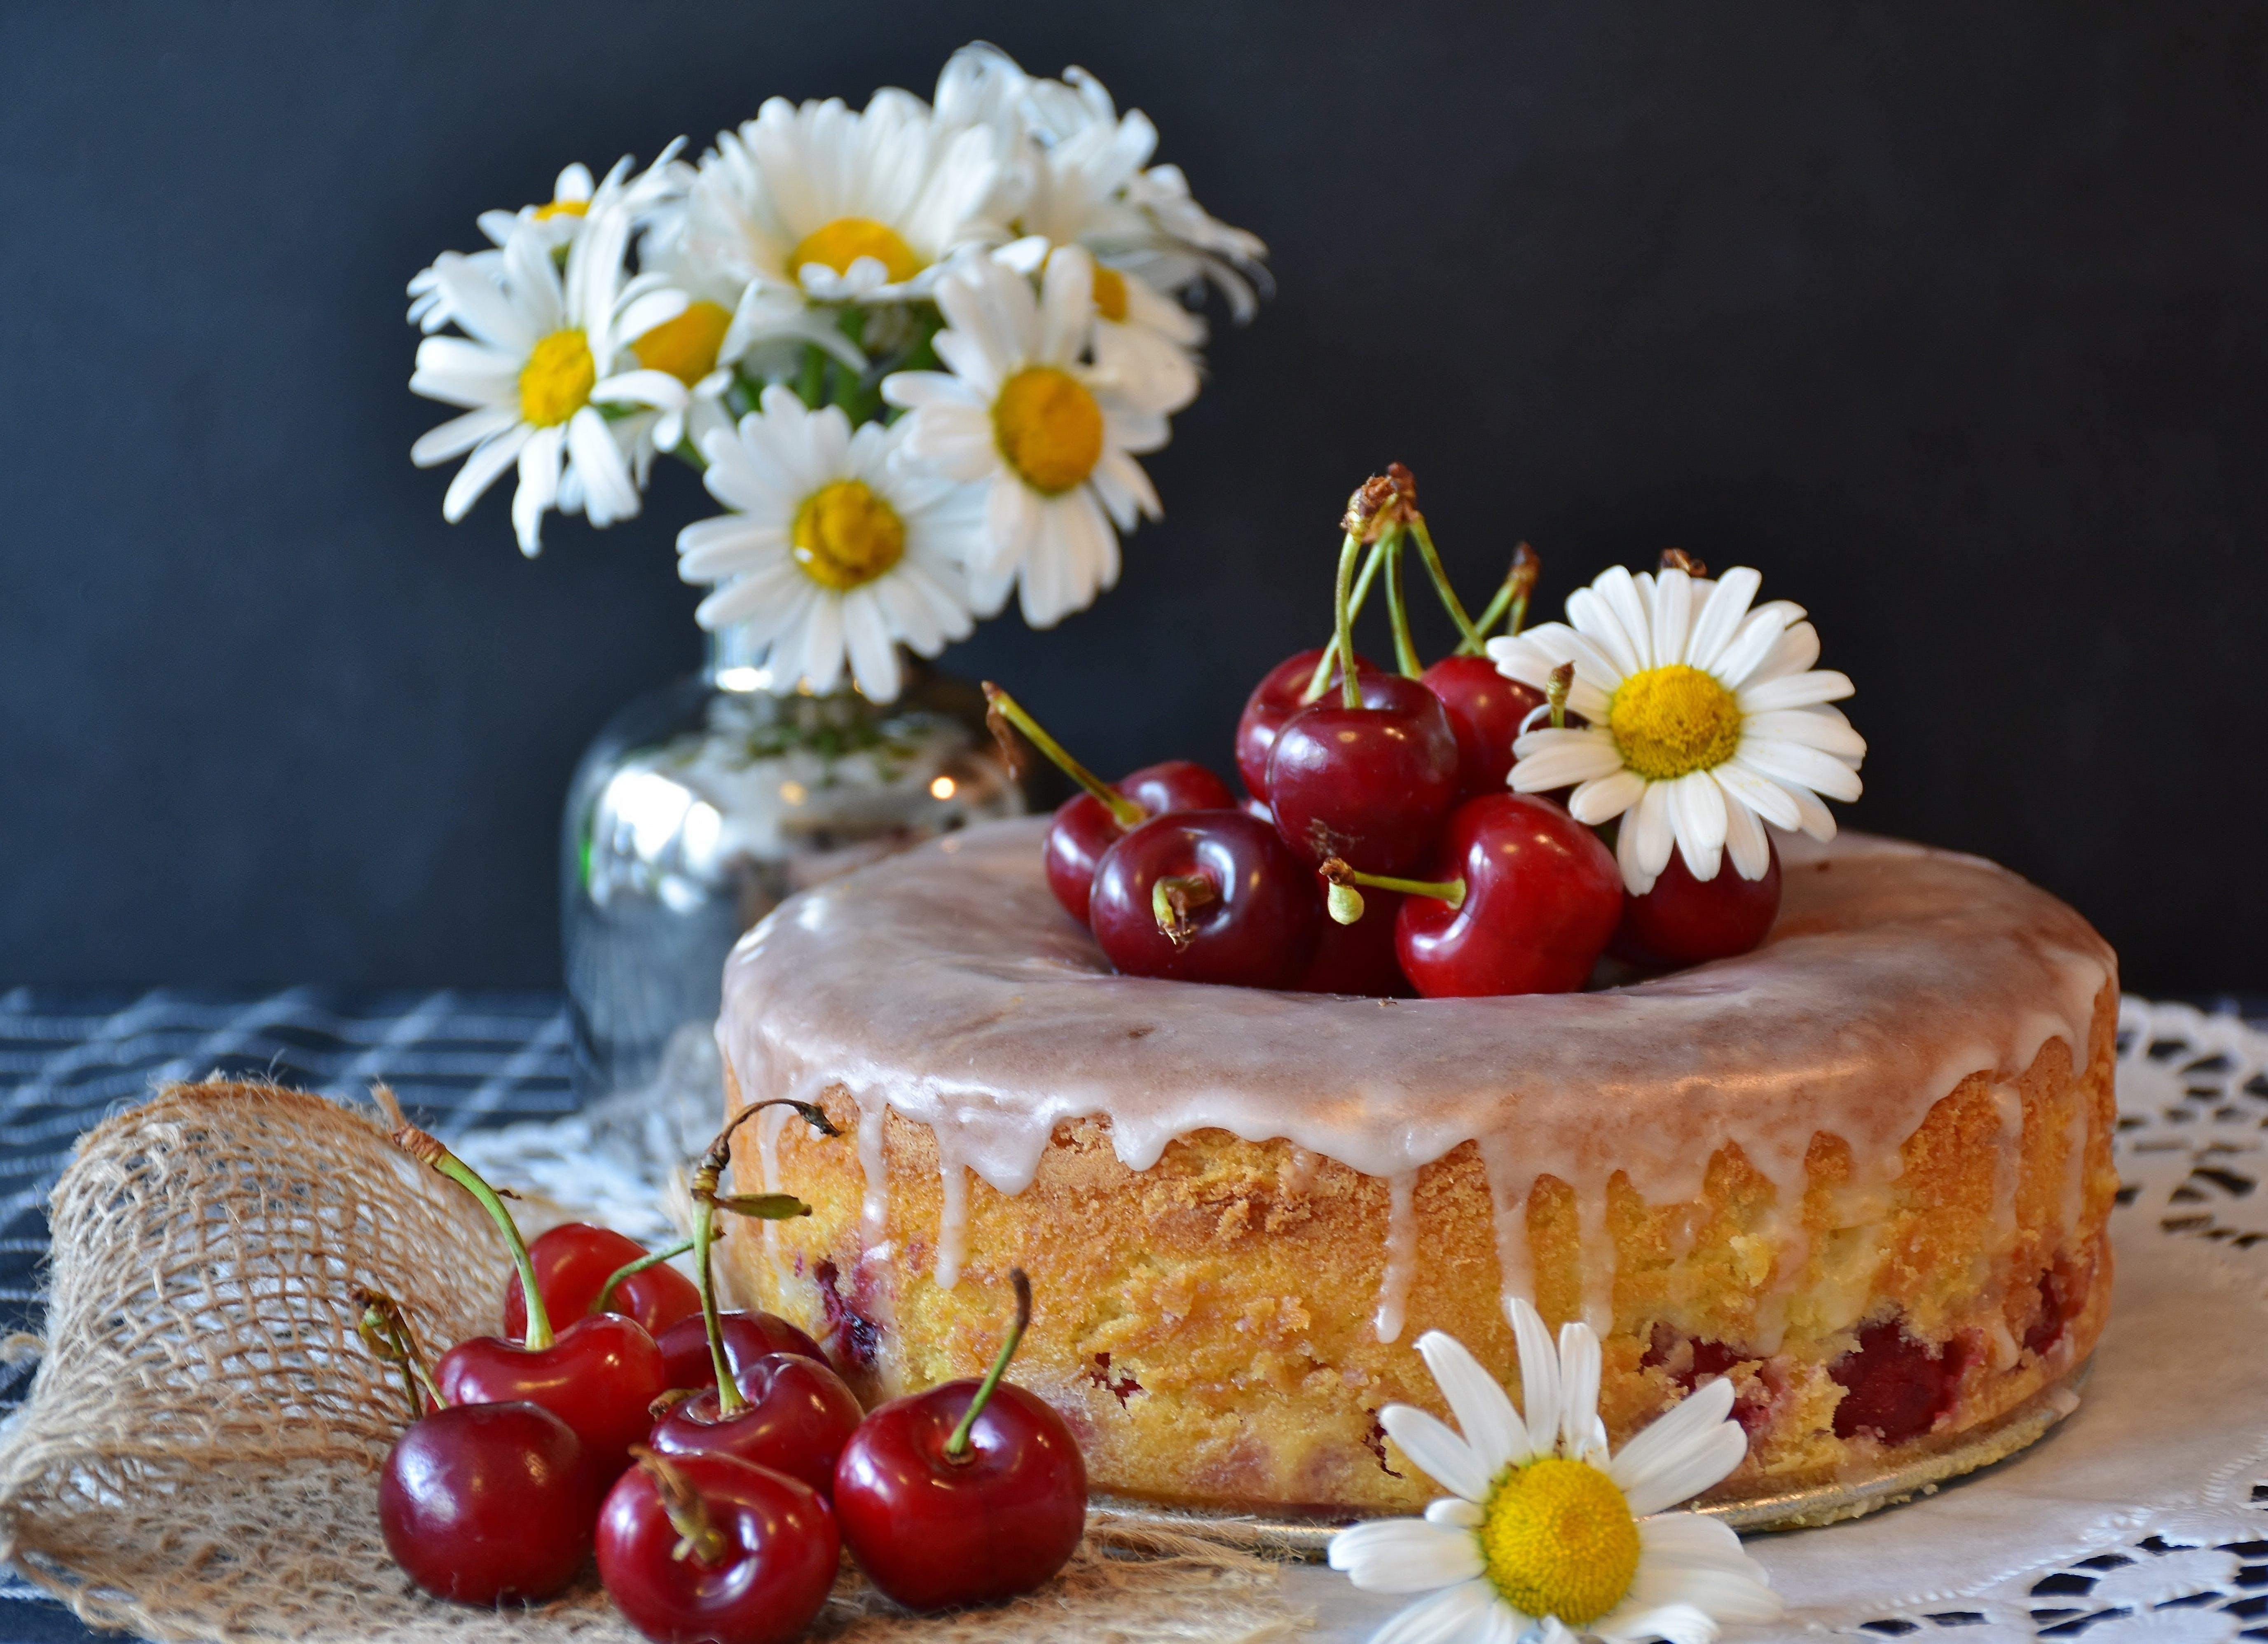 bake, baked, blur